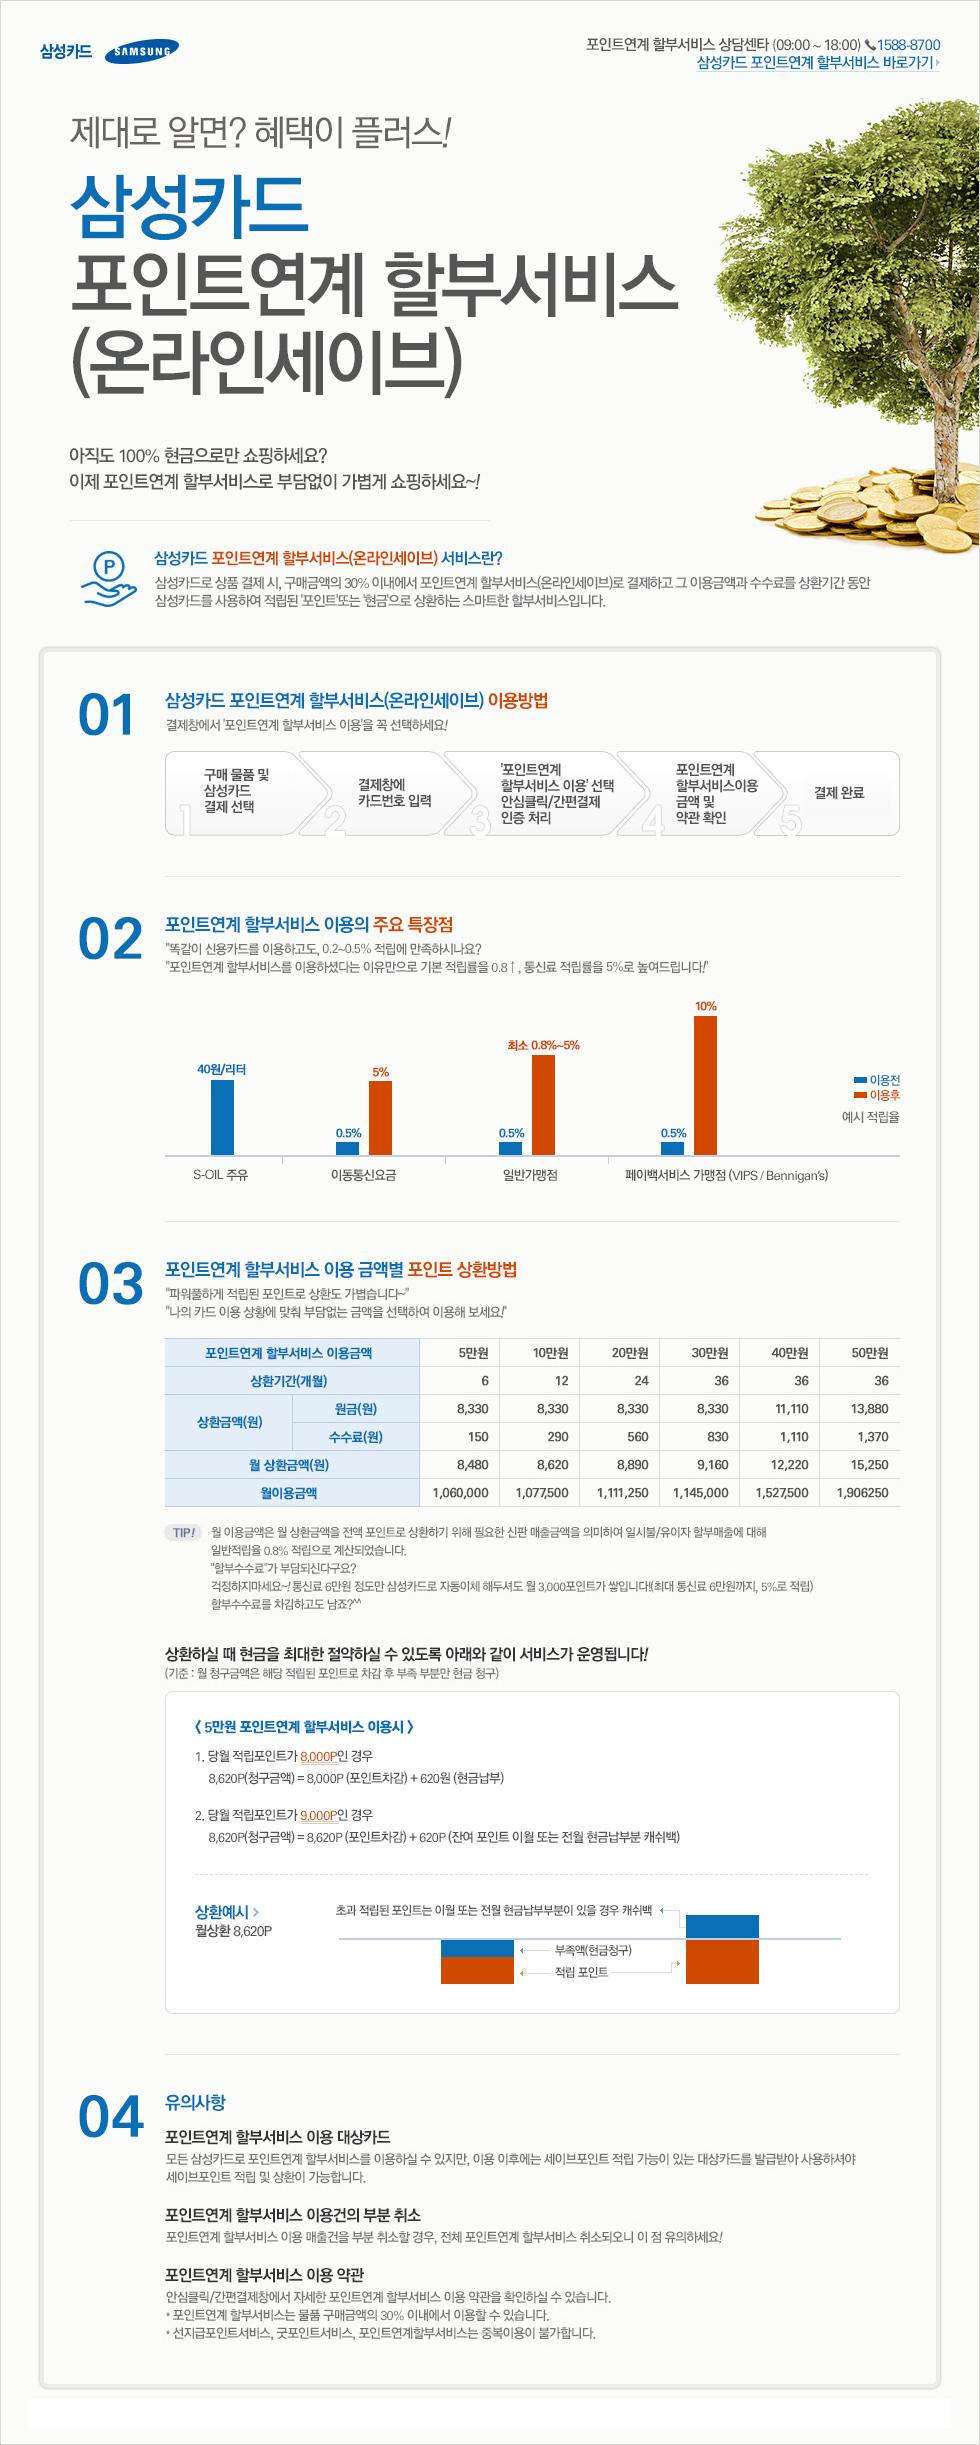 삼성카드 온라인 세이브 서비스!